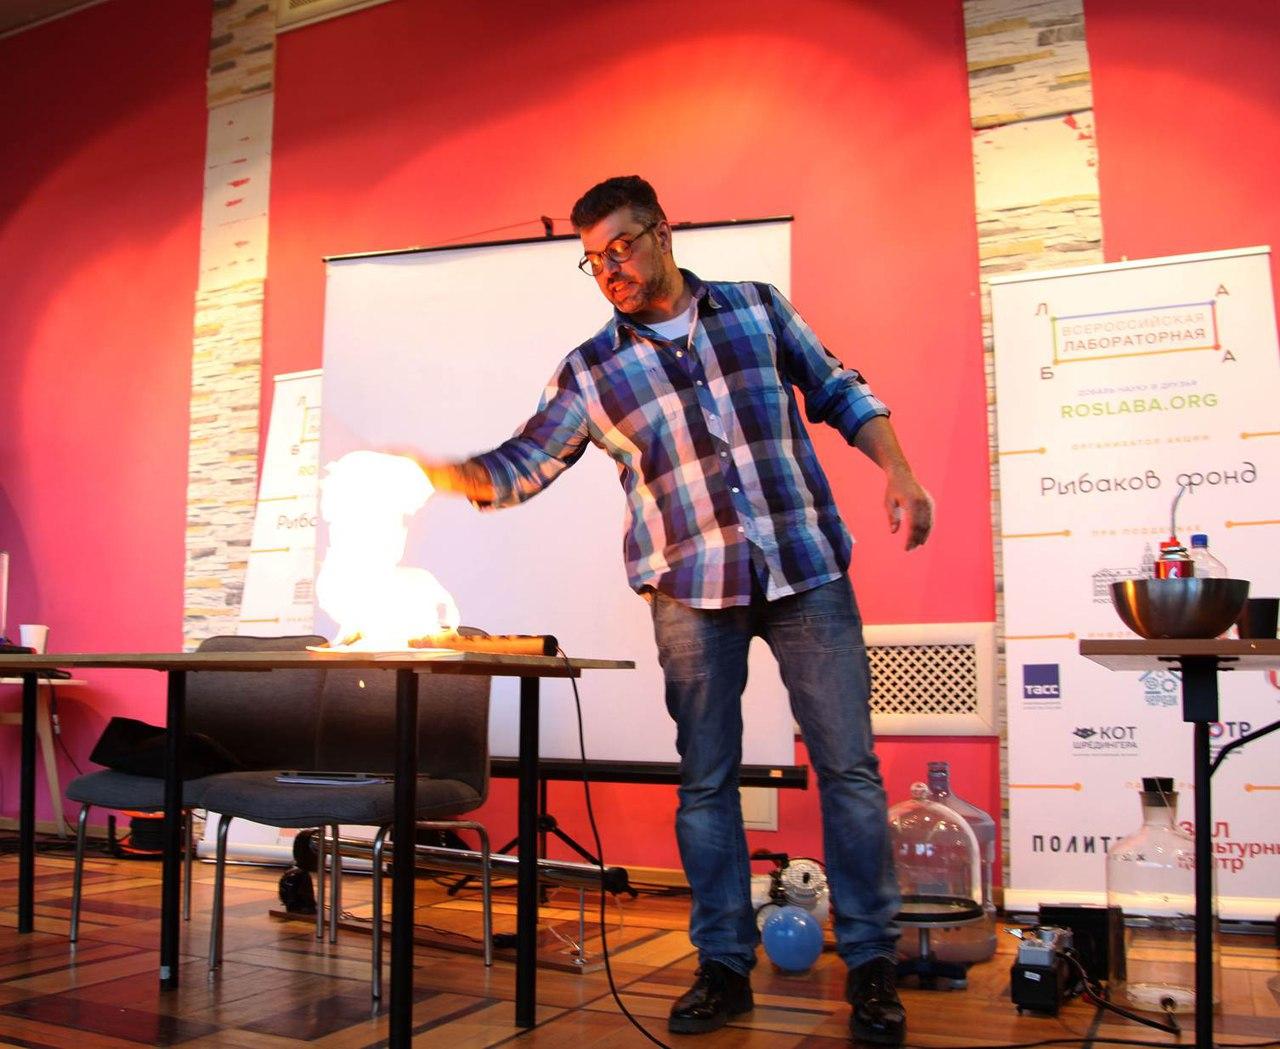 В Ростове впервые пройдет зрелищное научное шоу «Открытая лабораторная»